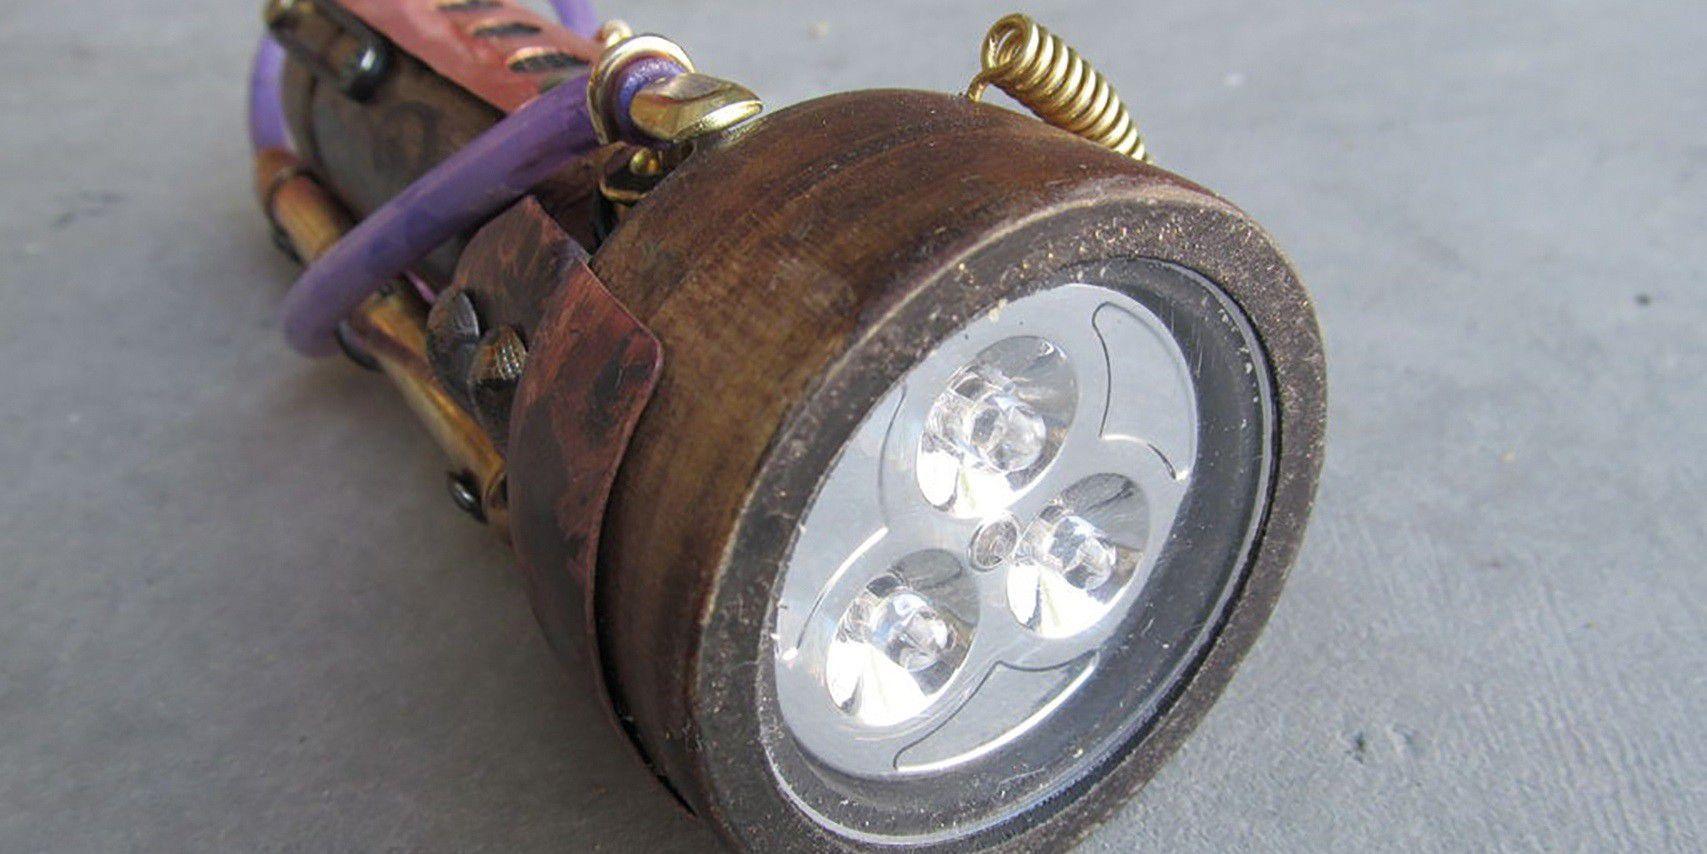 steampunk taschenlampe anleitung zum selberbauen pc welt. Black Bedroom Furniture Sets. Home Design Ideas